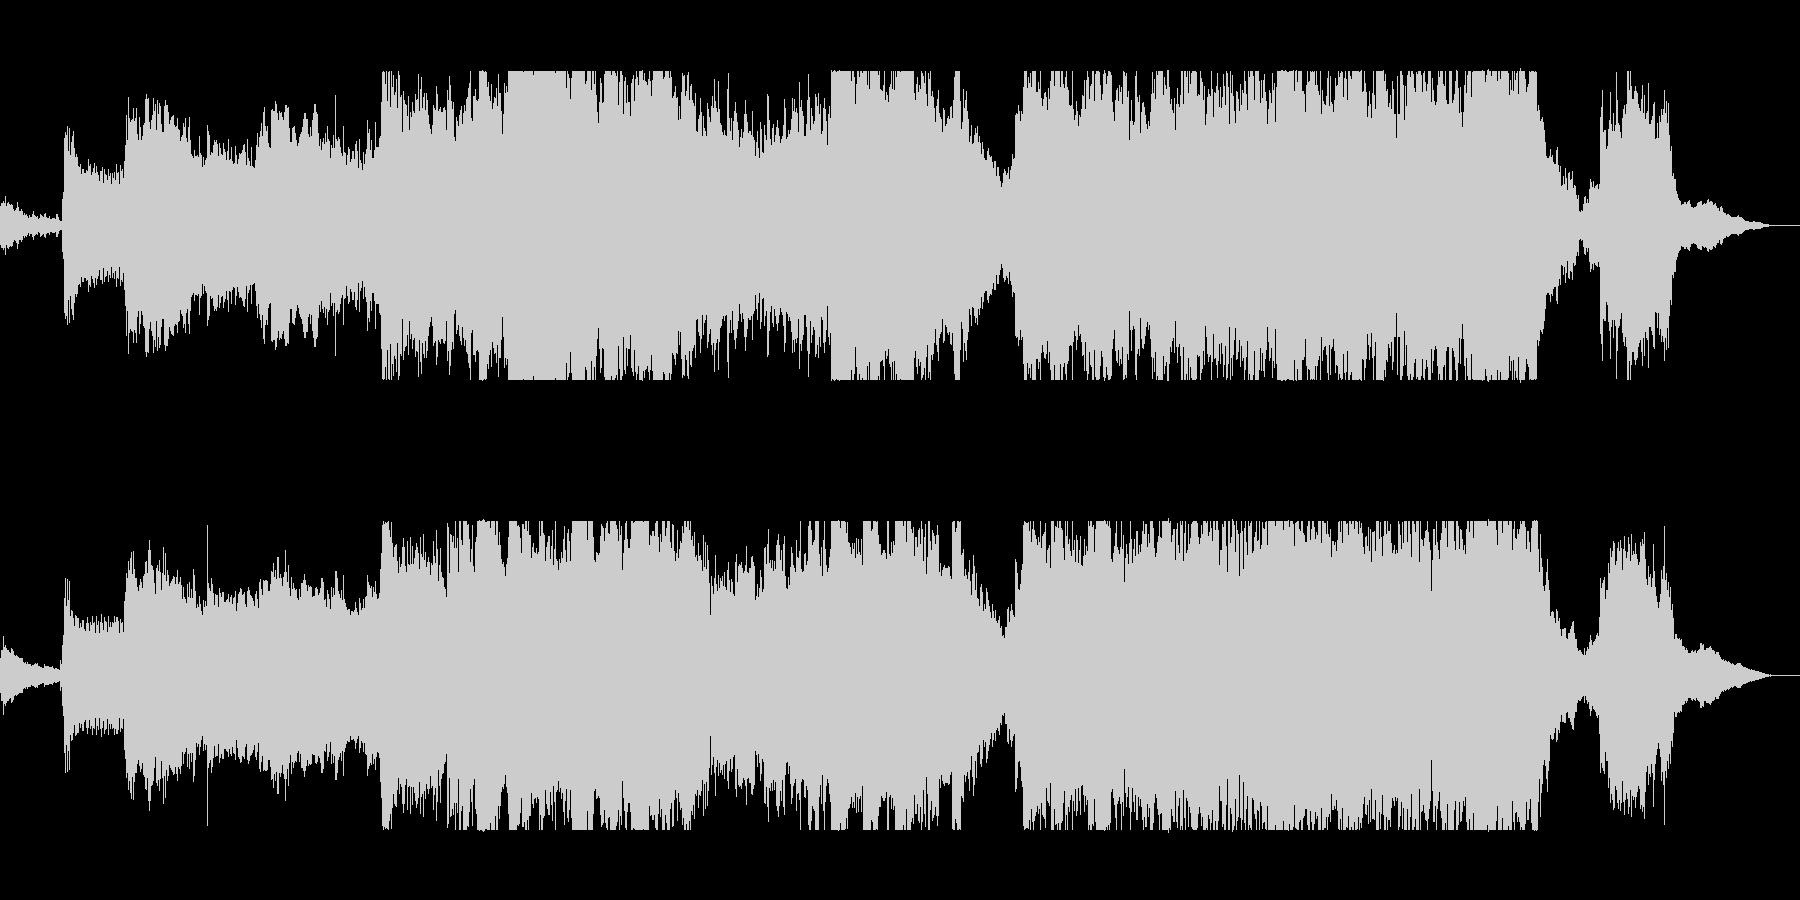 まったりとまろやかで幻想的なSFサウンドの未再生の波形